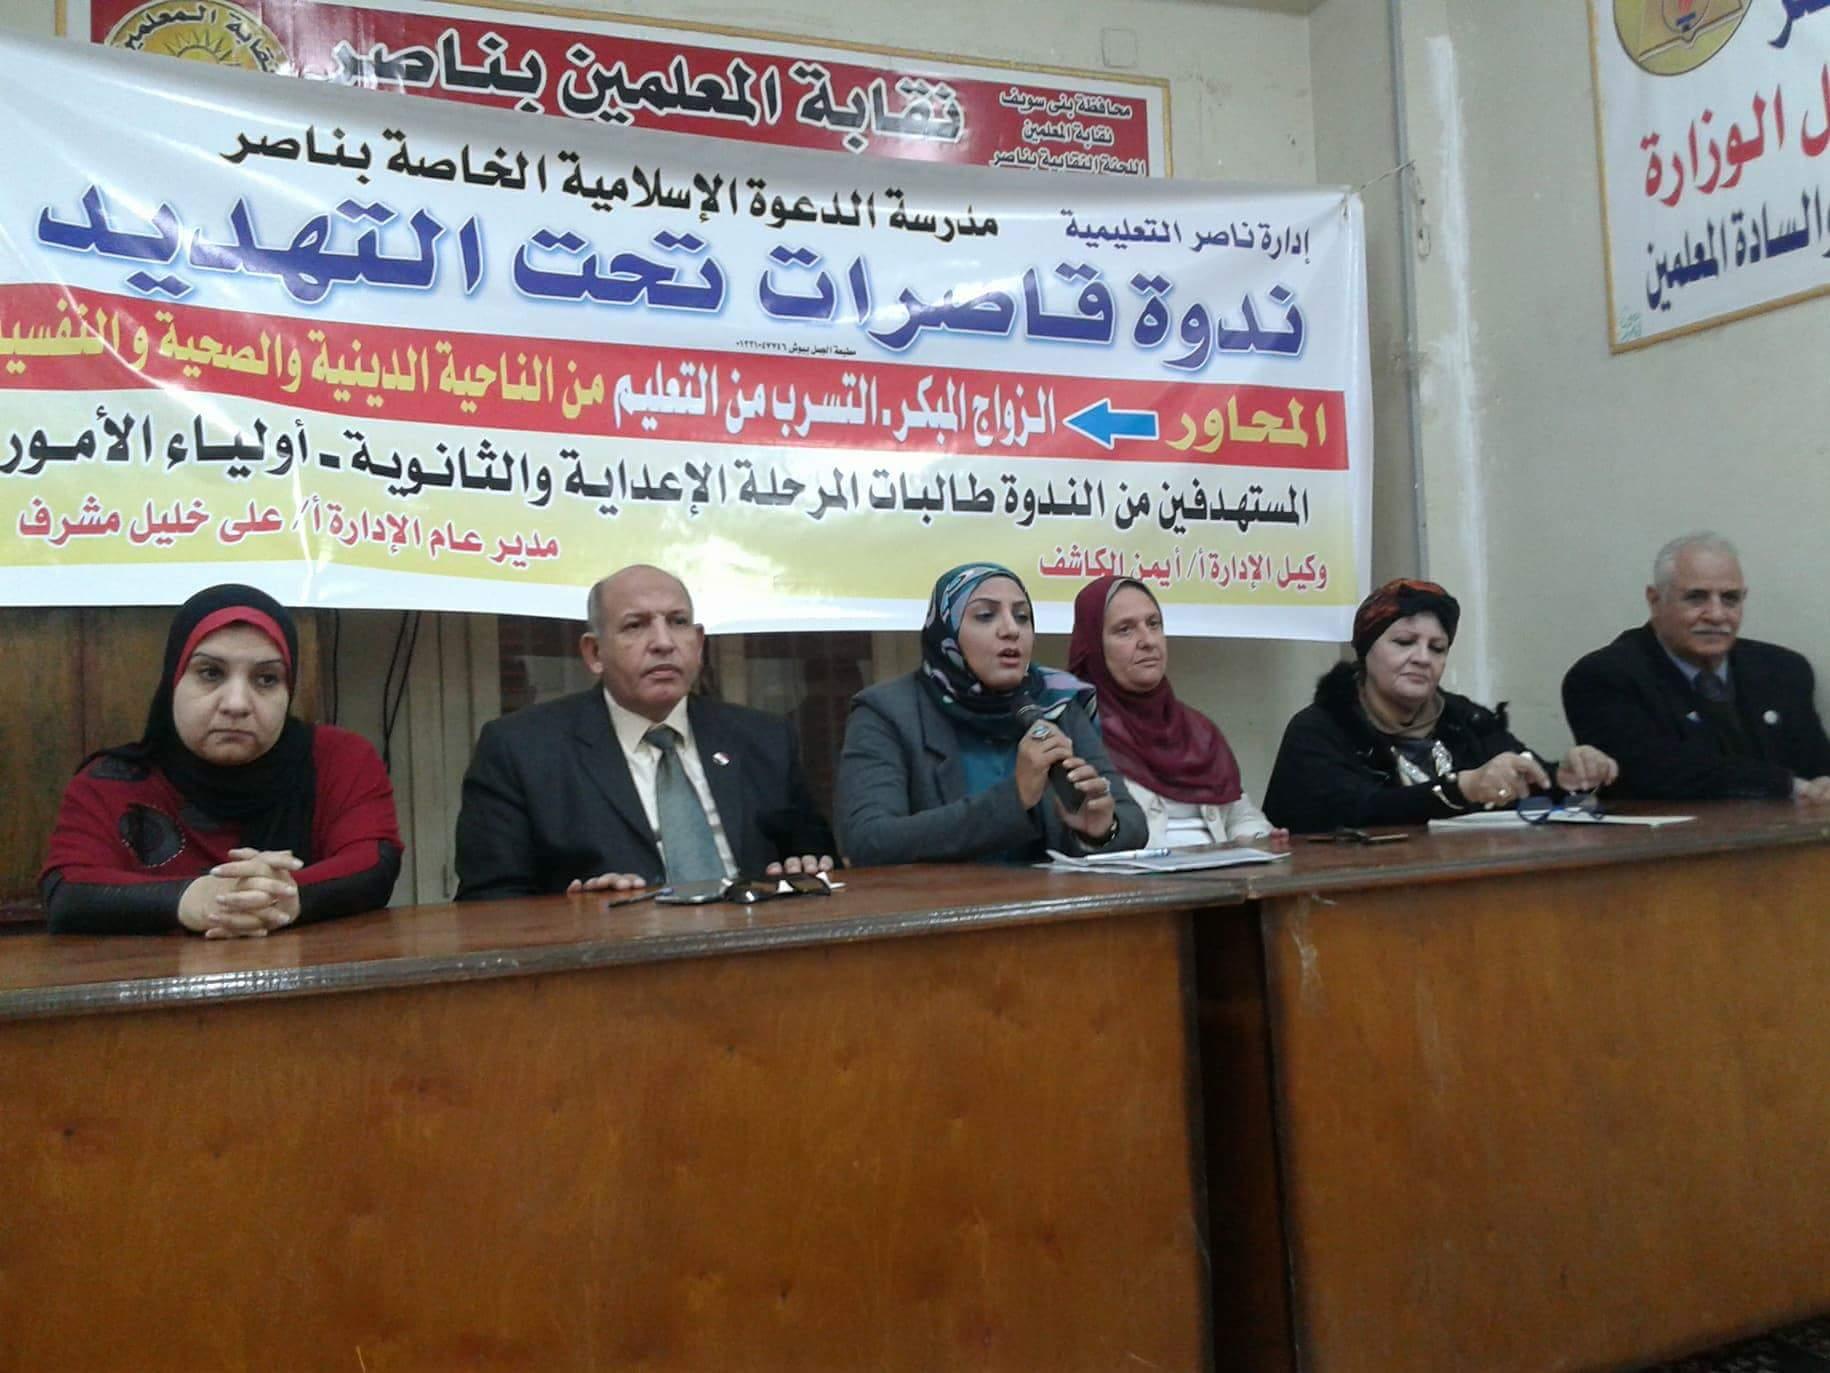 1-ندوة الزواج المبكر ضمن مبادرة قاصرات تحت التهديد